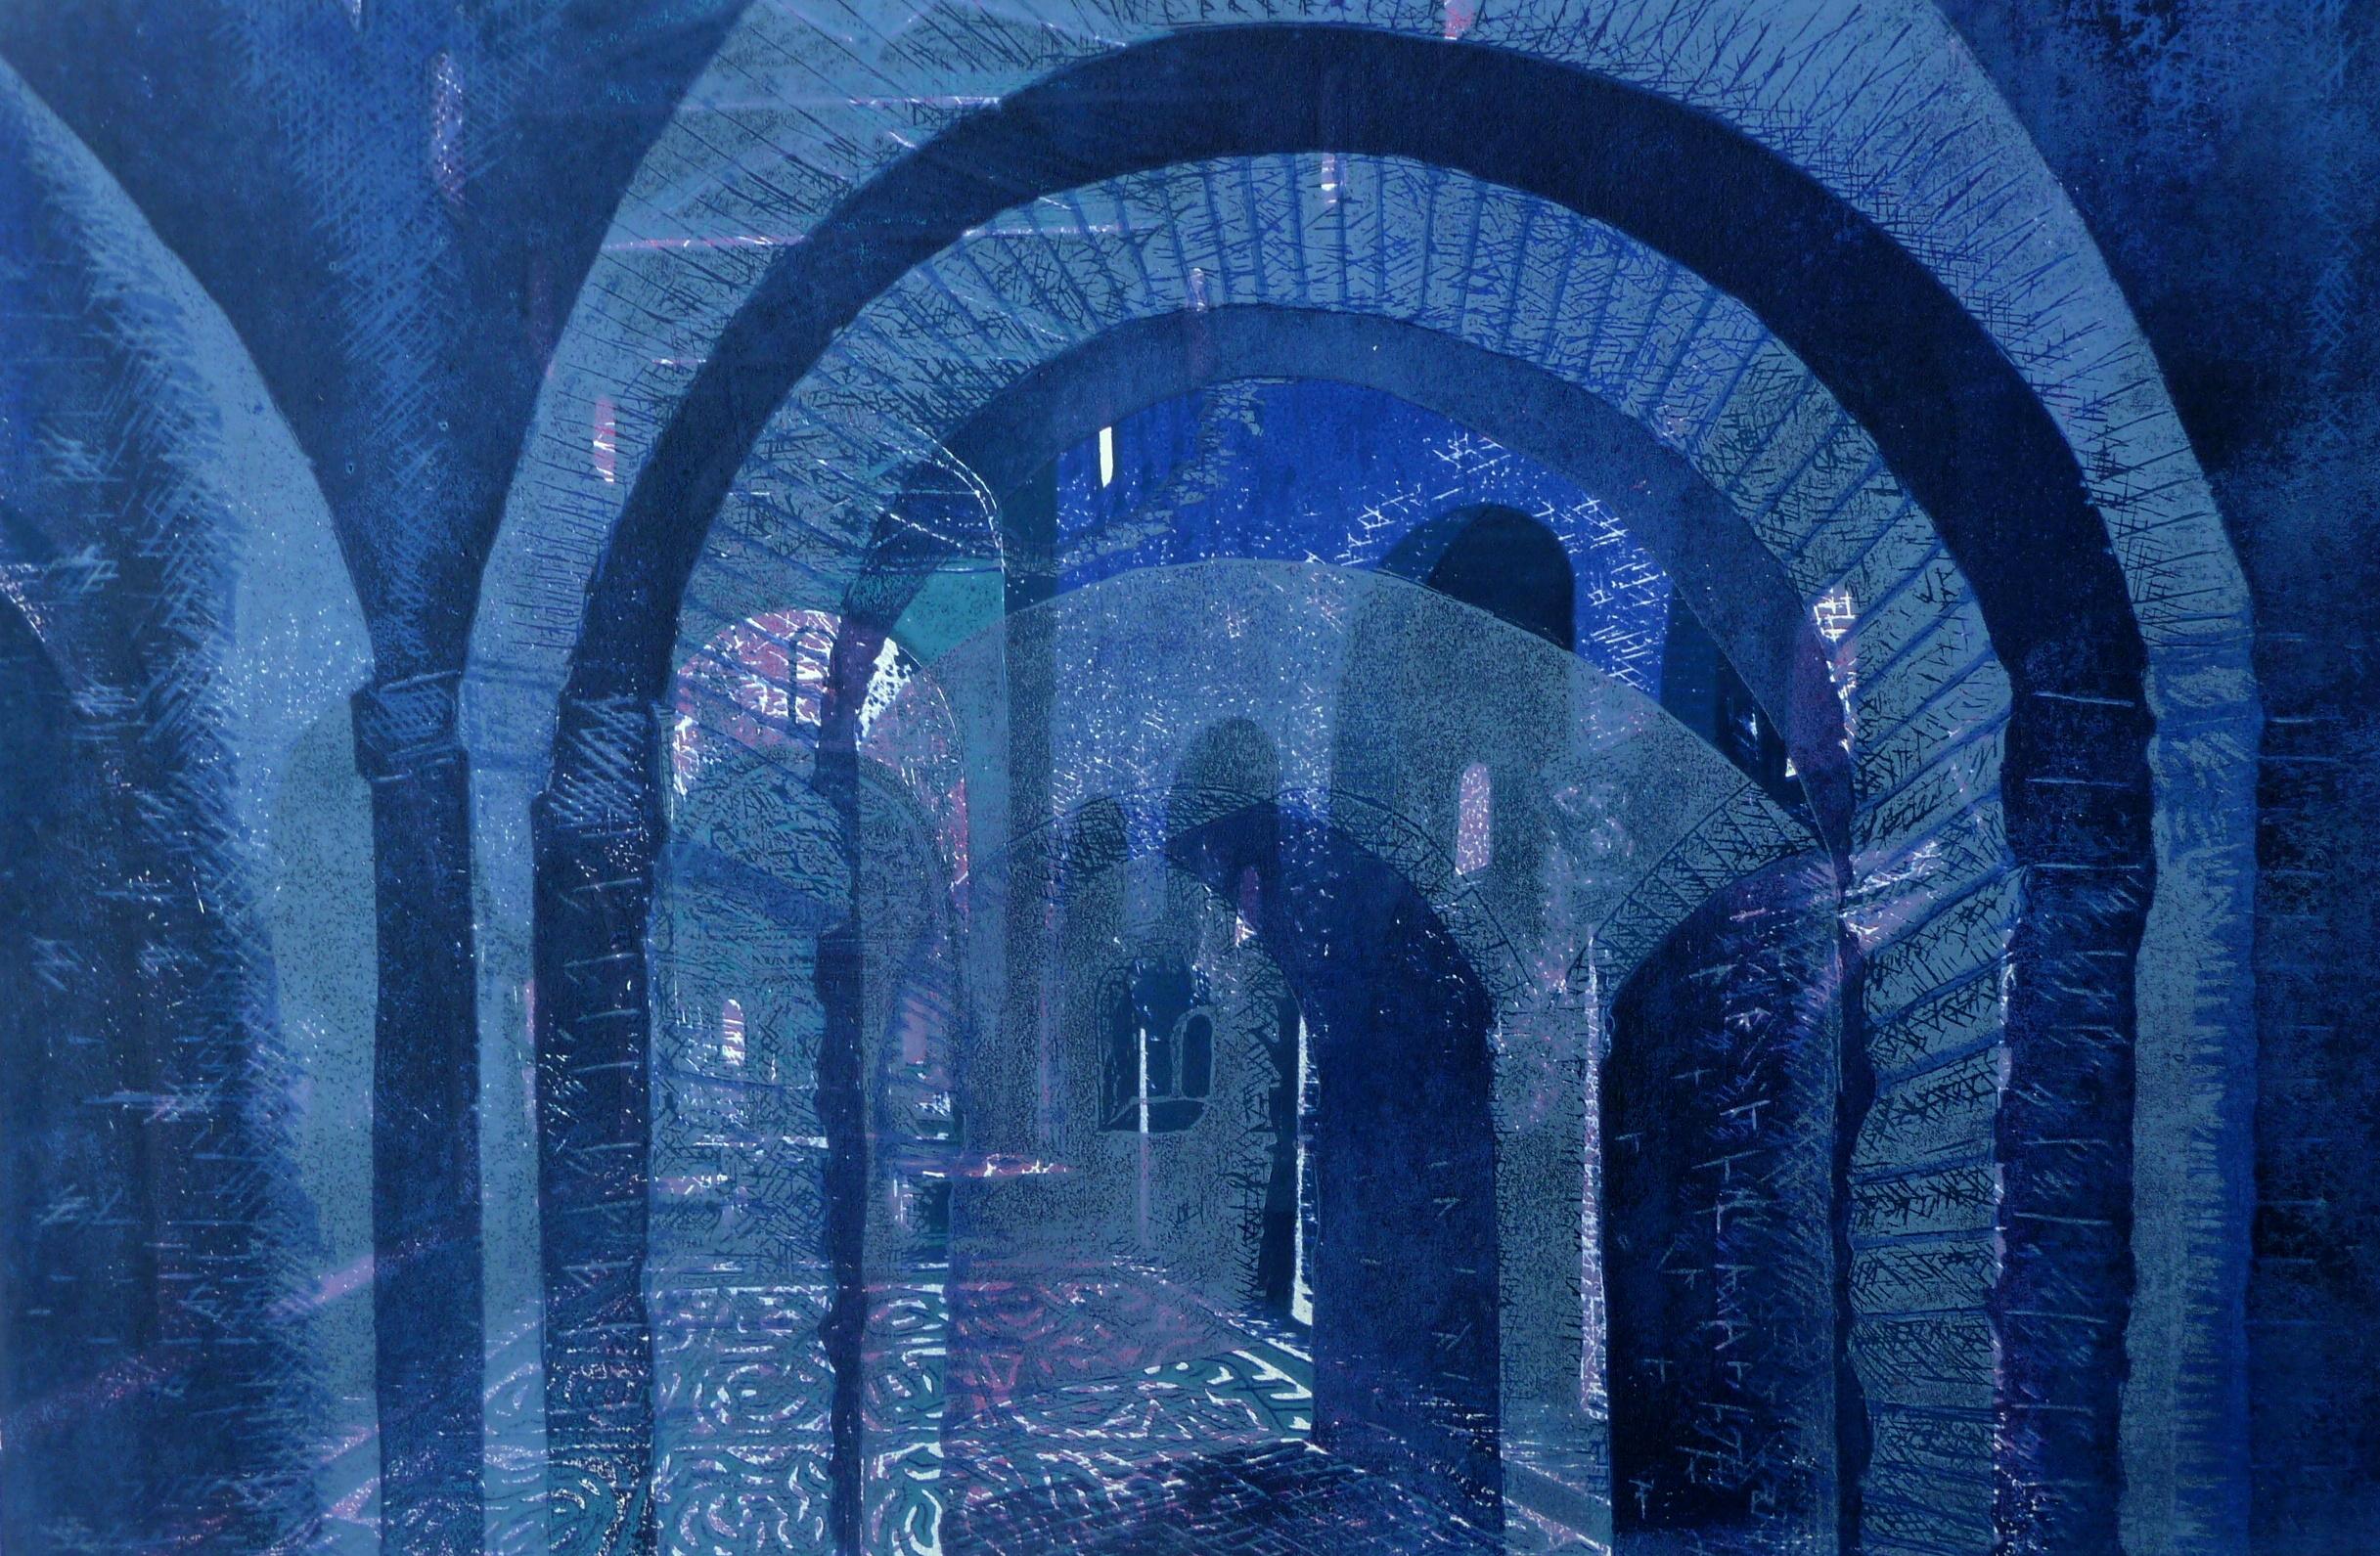 Interieur Ice Blauw : Jan erik wedholm